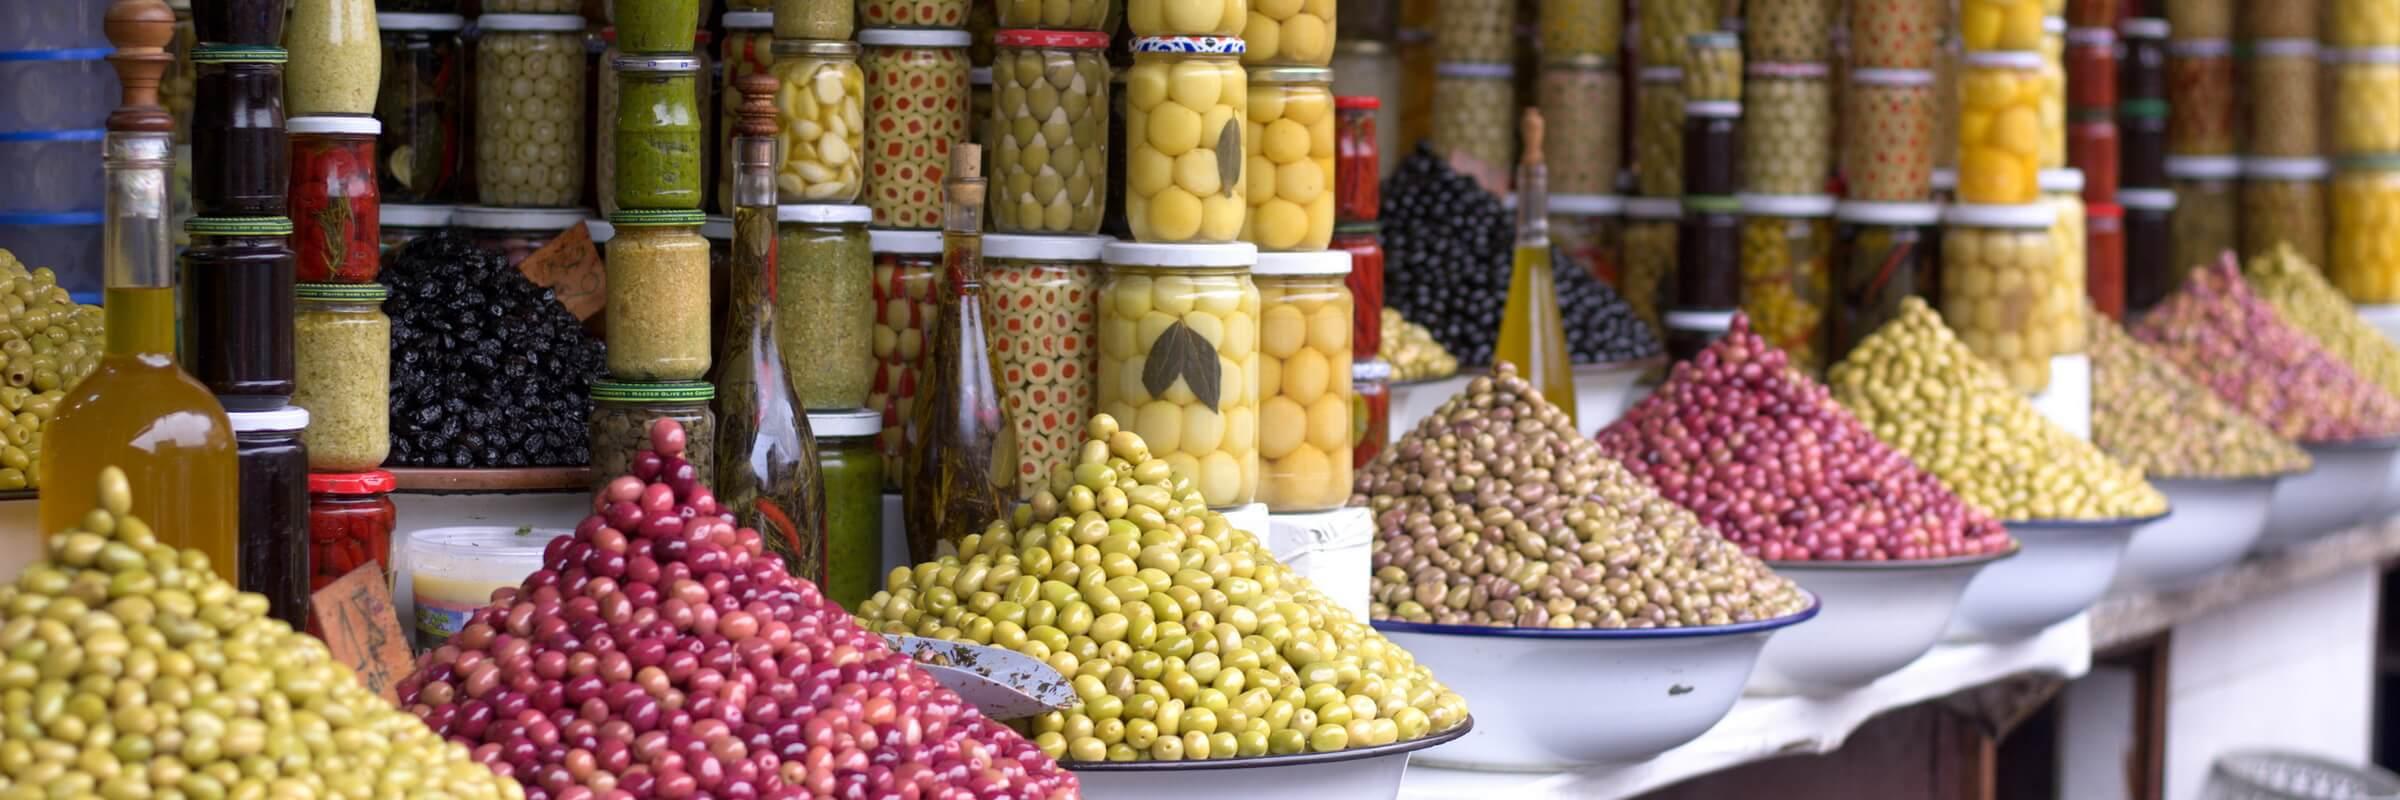 Auch kulinarisch hat der Libanon viel zu bieten, die libanesische Küche gilt als eine der Feinsten der Welt.